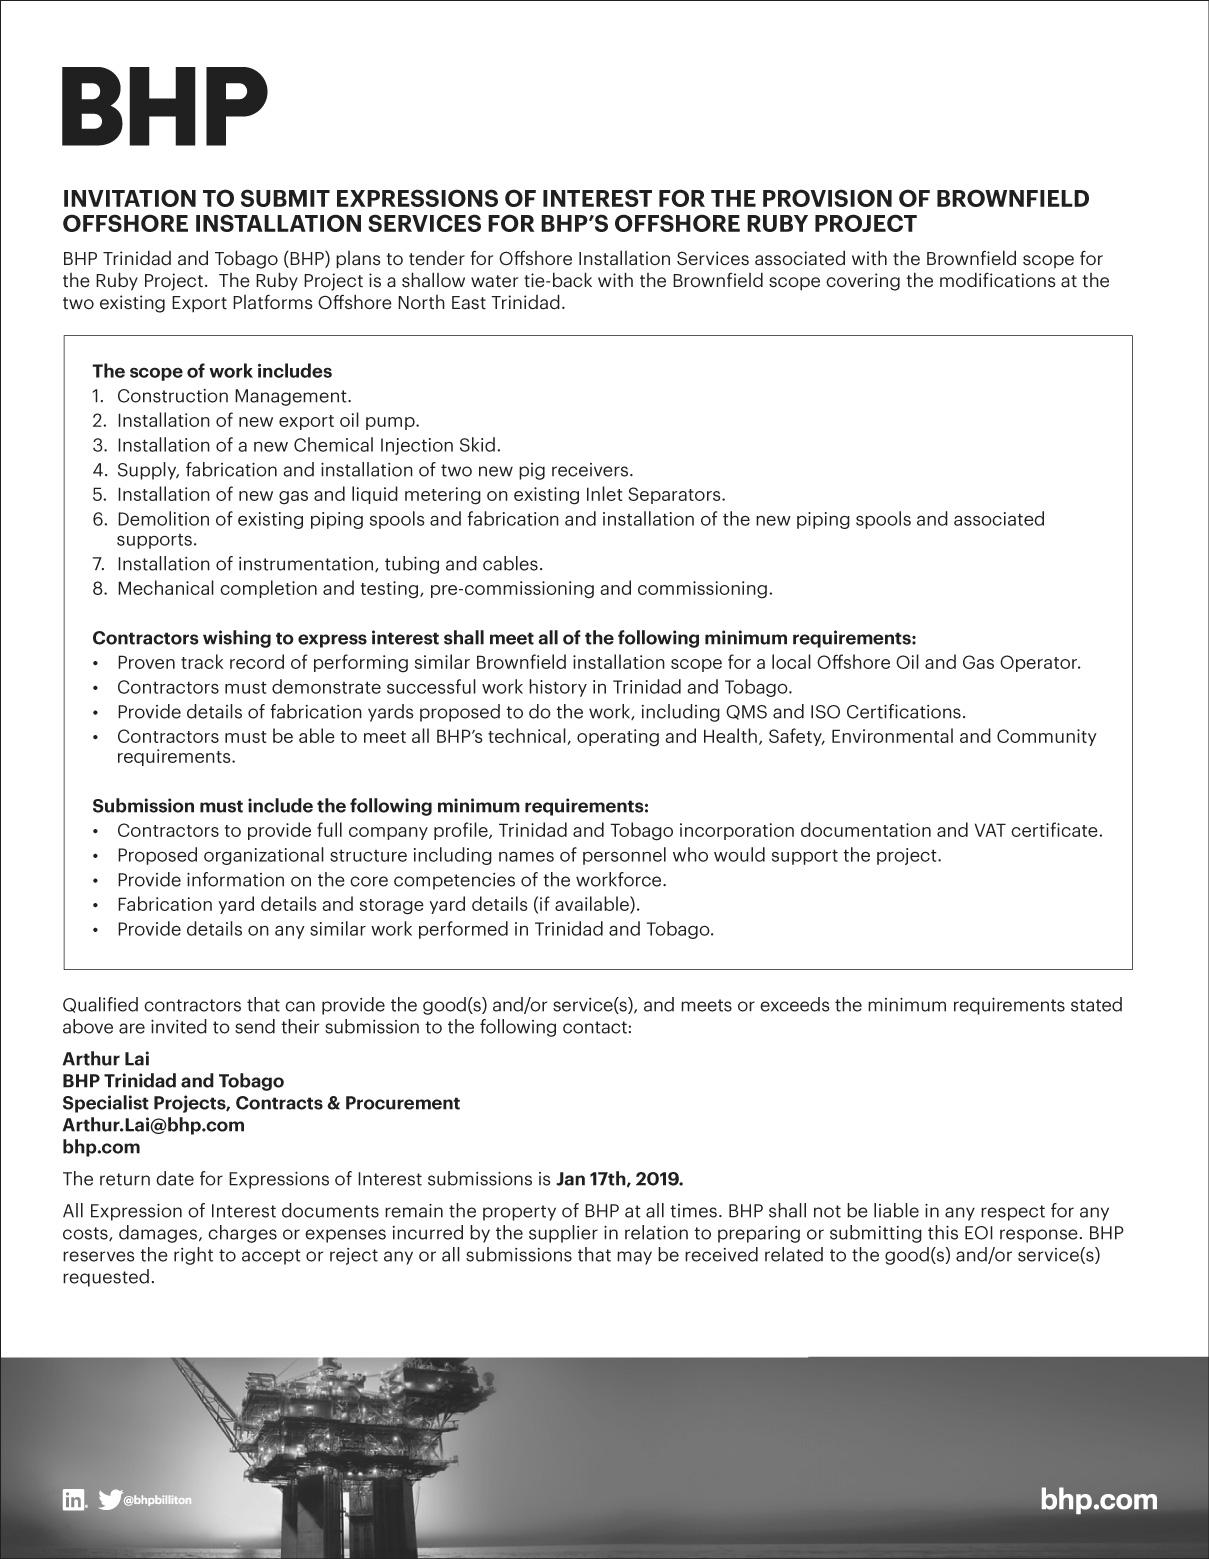 BHP advances Trinidad gas project - BNamericas